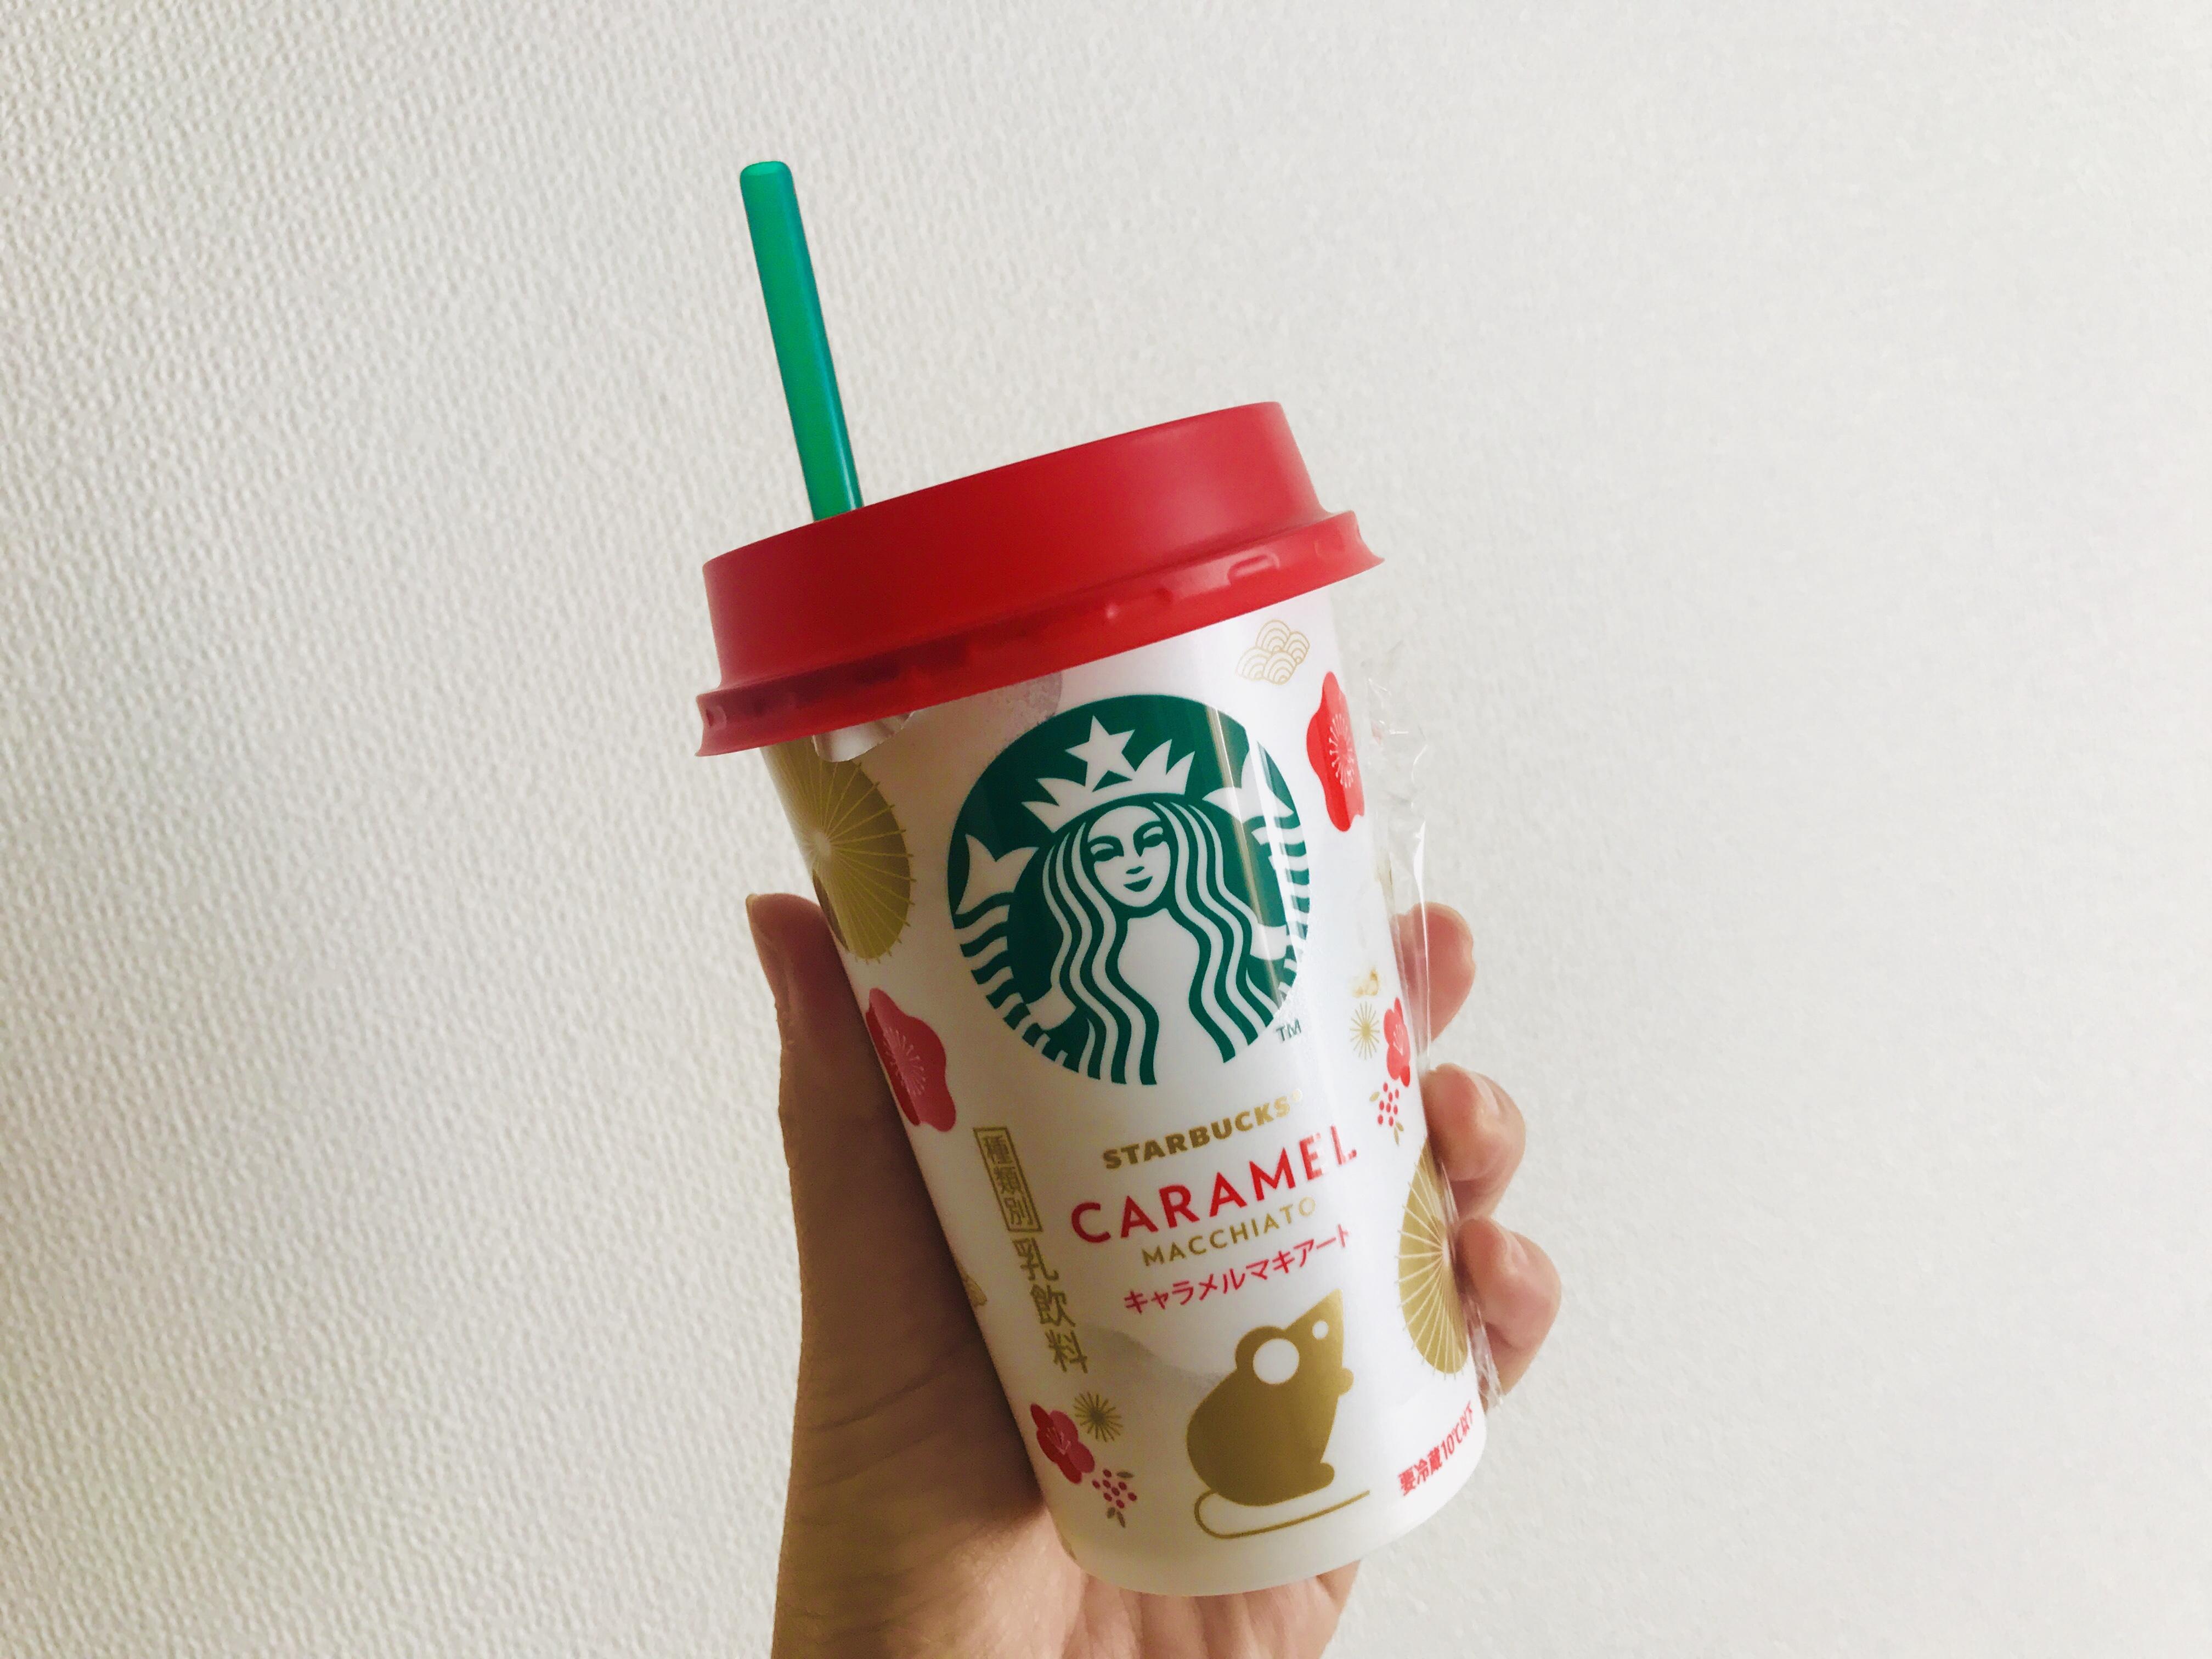 【コンビニスタバ】本日から限定販売★《干支デザインカップ》のキャラメルマキアートが可愛い♡_3